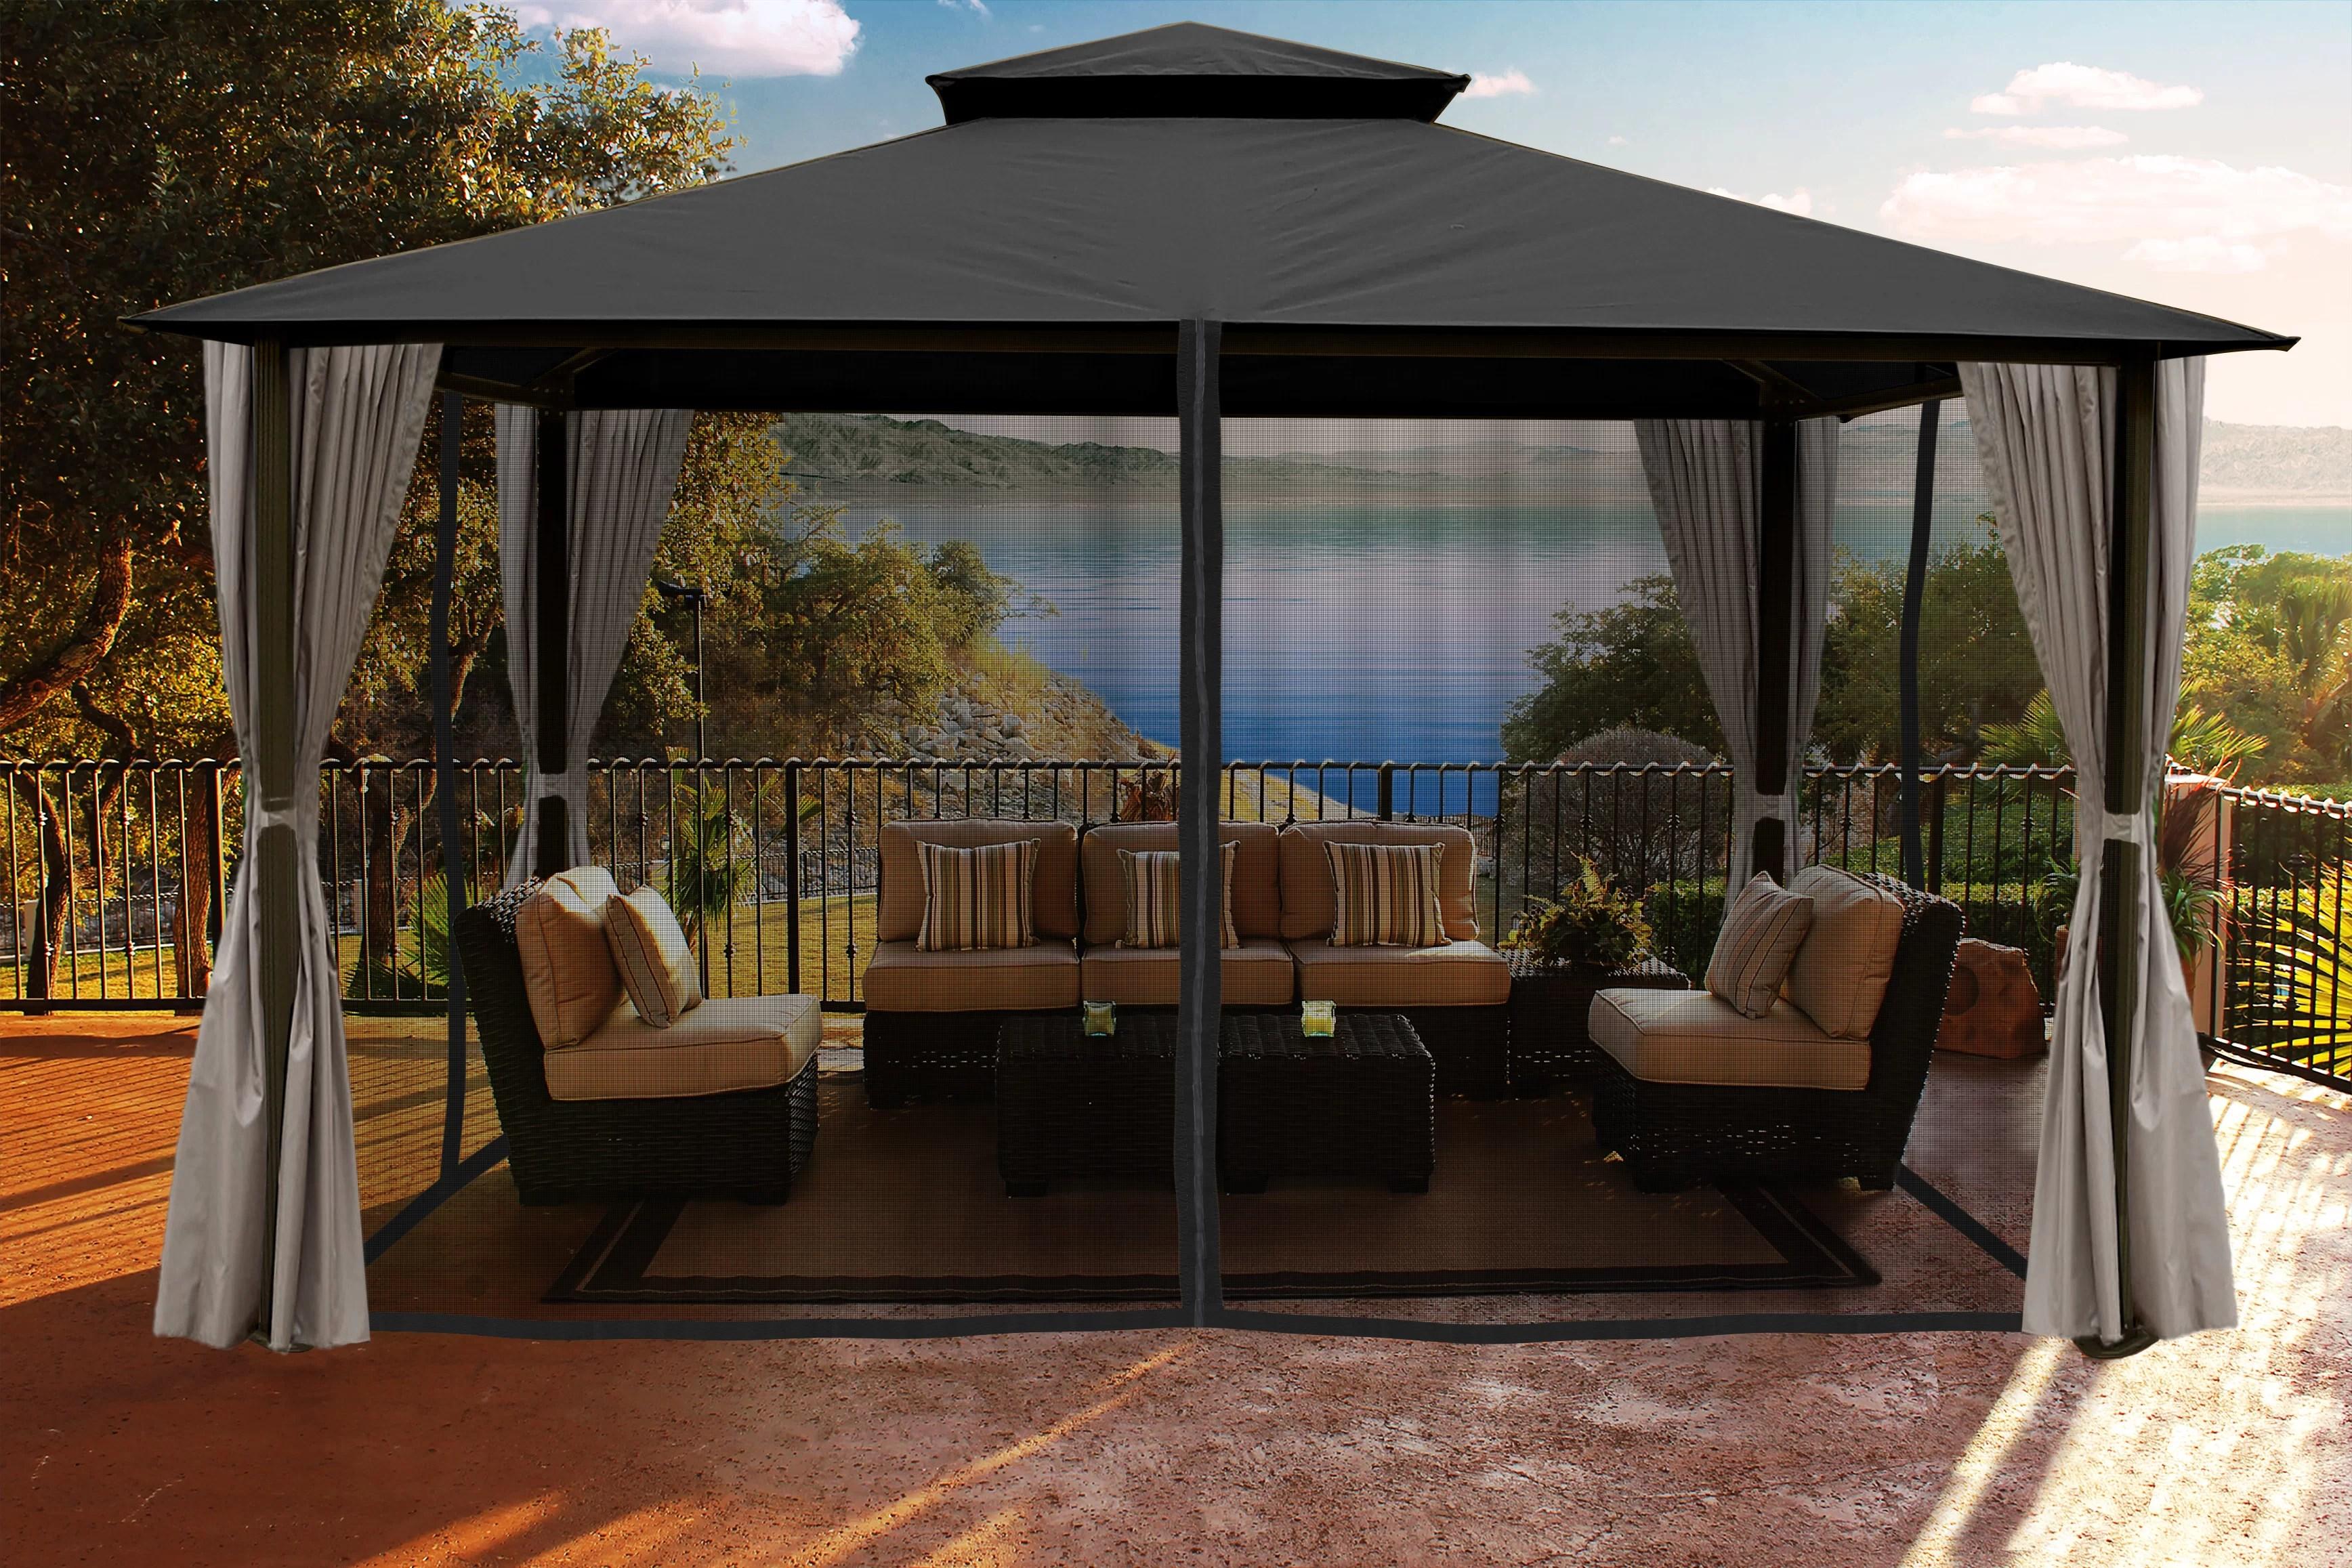 barton 10 x 14 feet outdoor hardtop